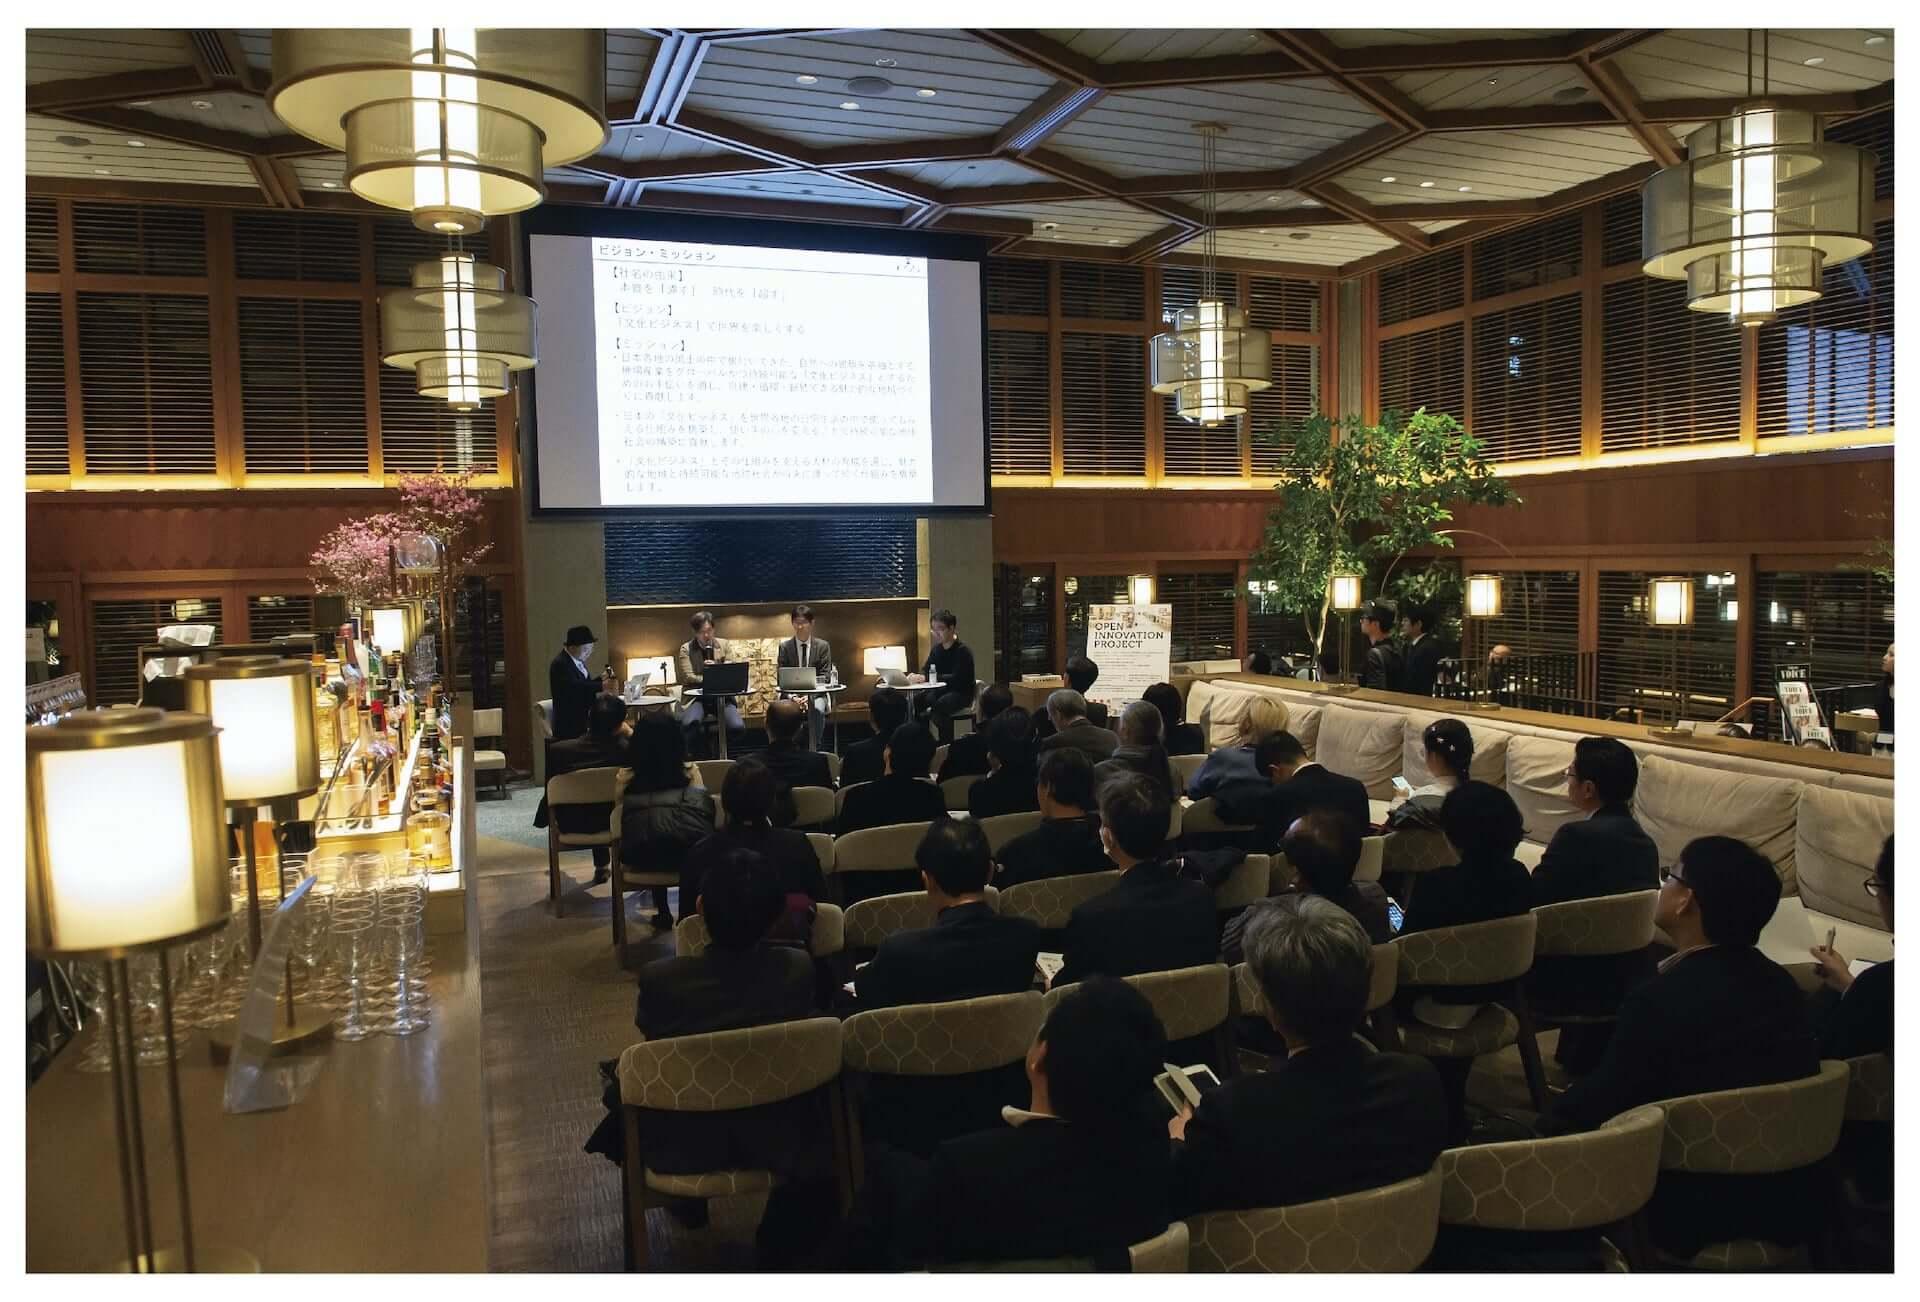 <KYOTO STEAM -世界文化交流祭- 2022 prologue>が開催決定!<MUTEK.JP>とのコラボプロジェクト「NAQUYO」やワークショップなど実施 art210309_kyoto-steam_6-1920x1302